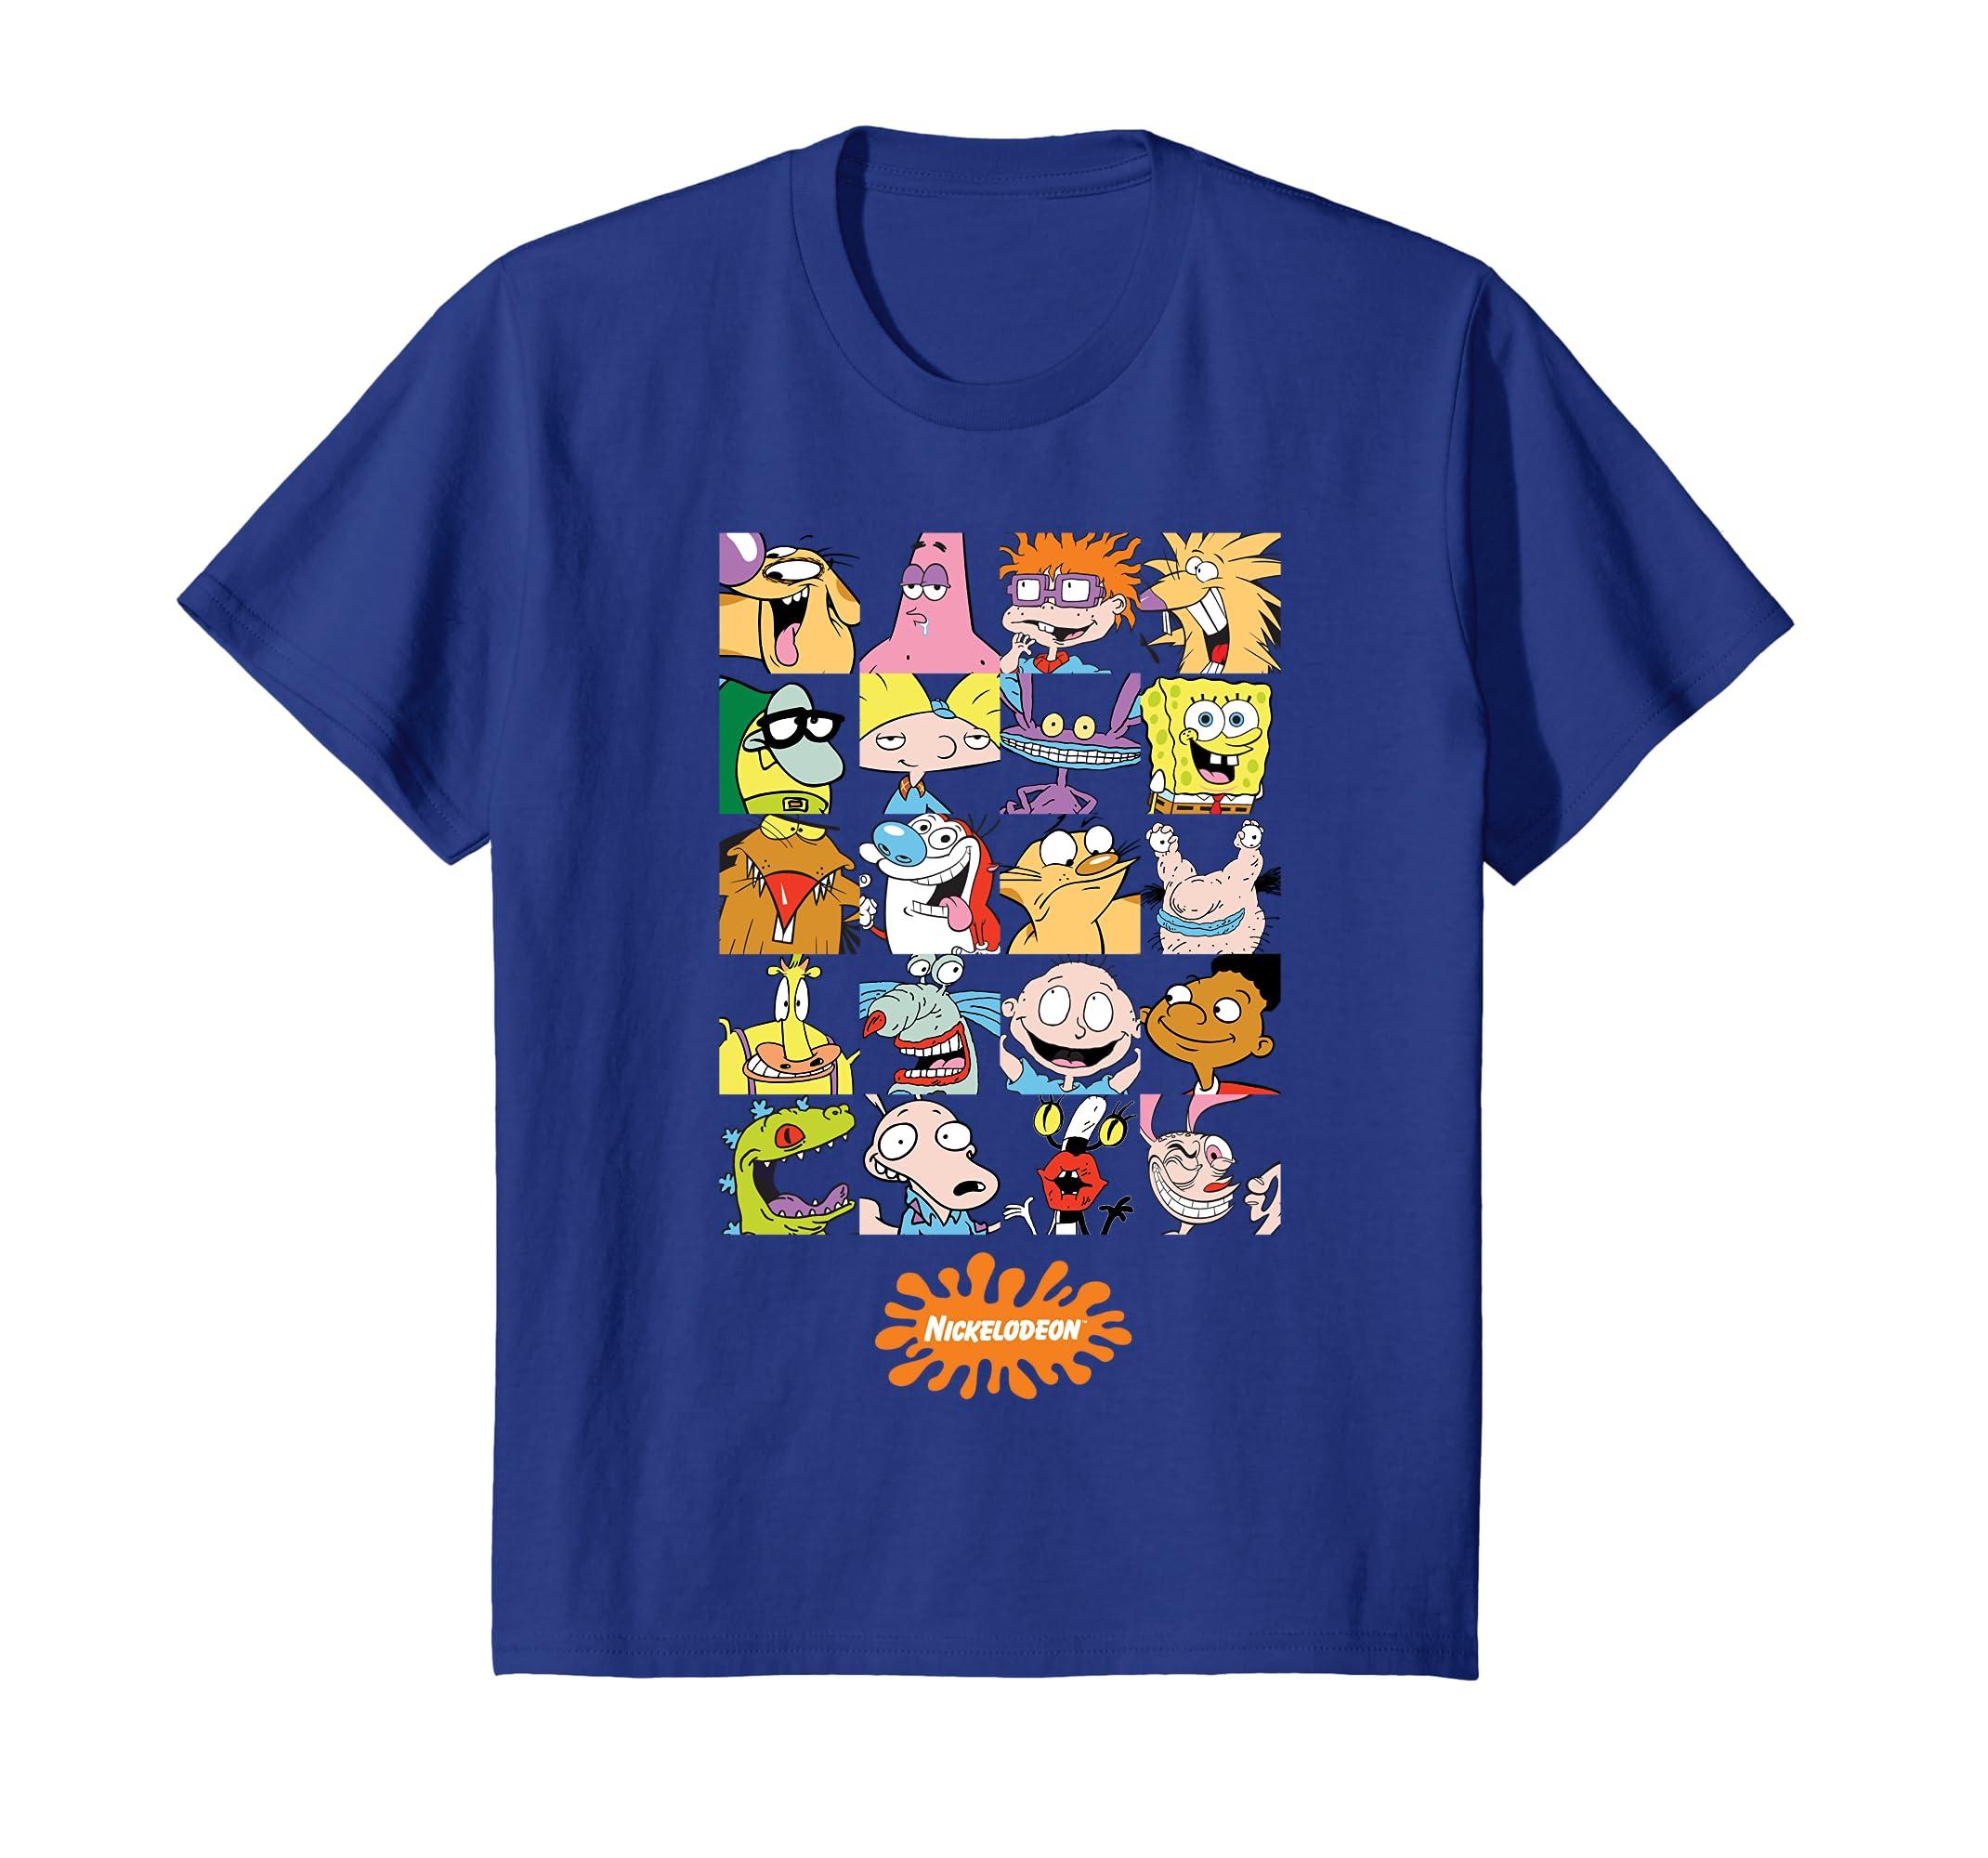 Nickelodeon Classic Nick 90s Character Block T-Shirt